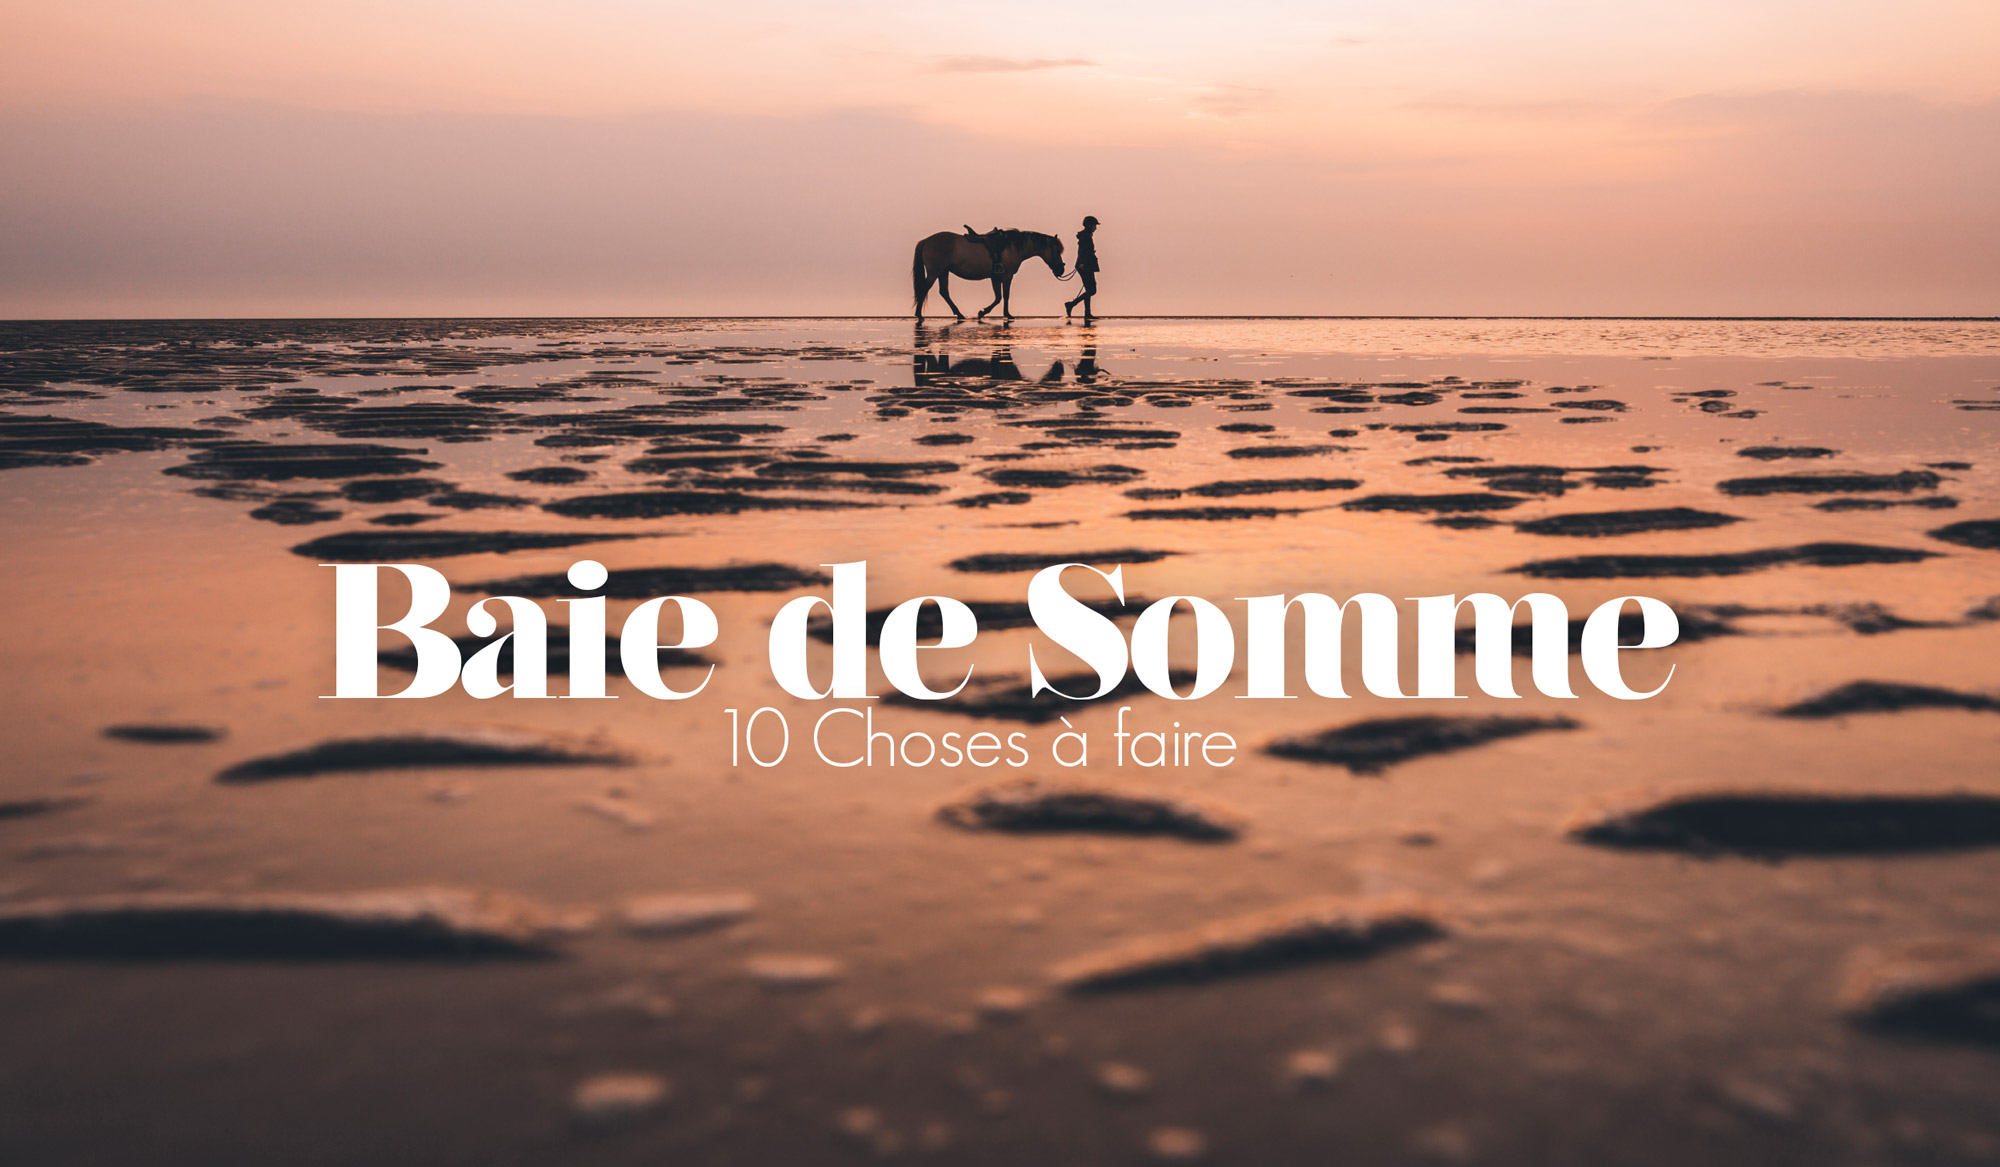 Que faire en Baie de Somme?